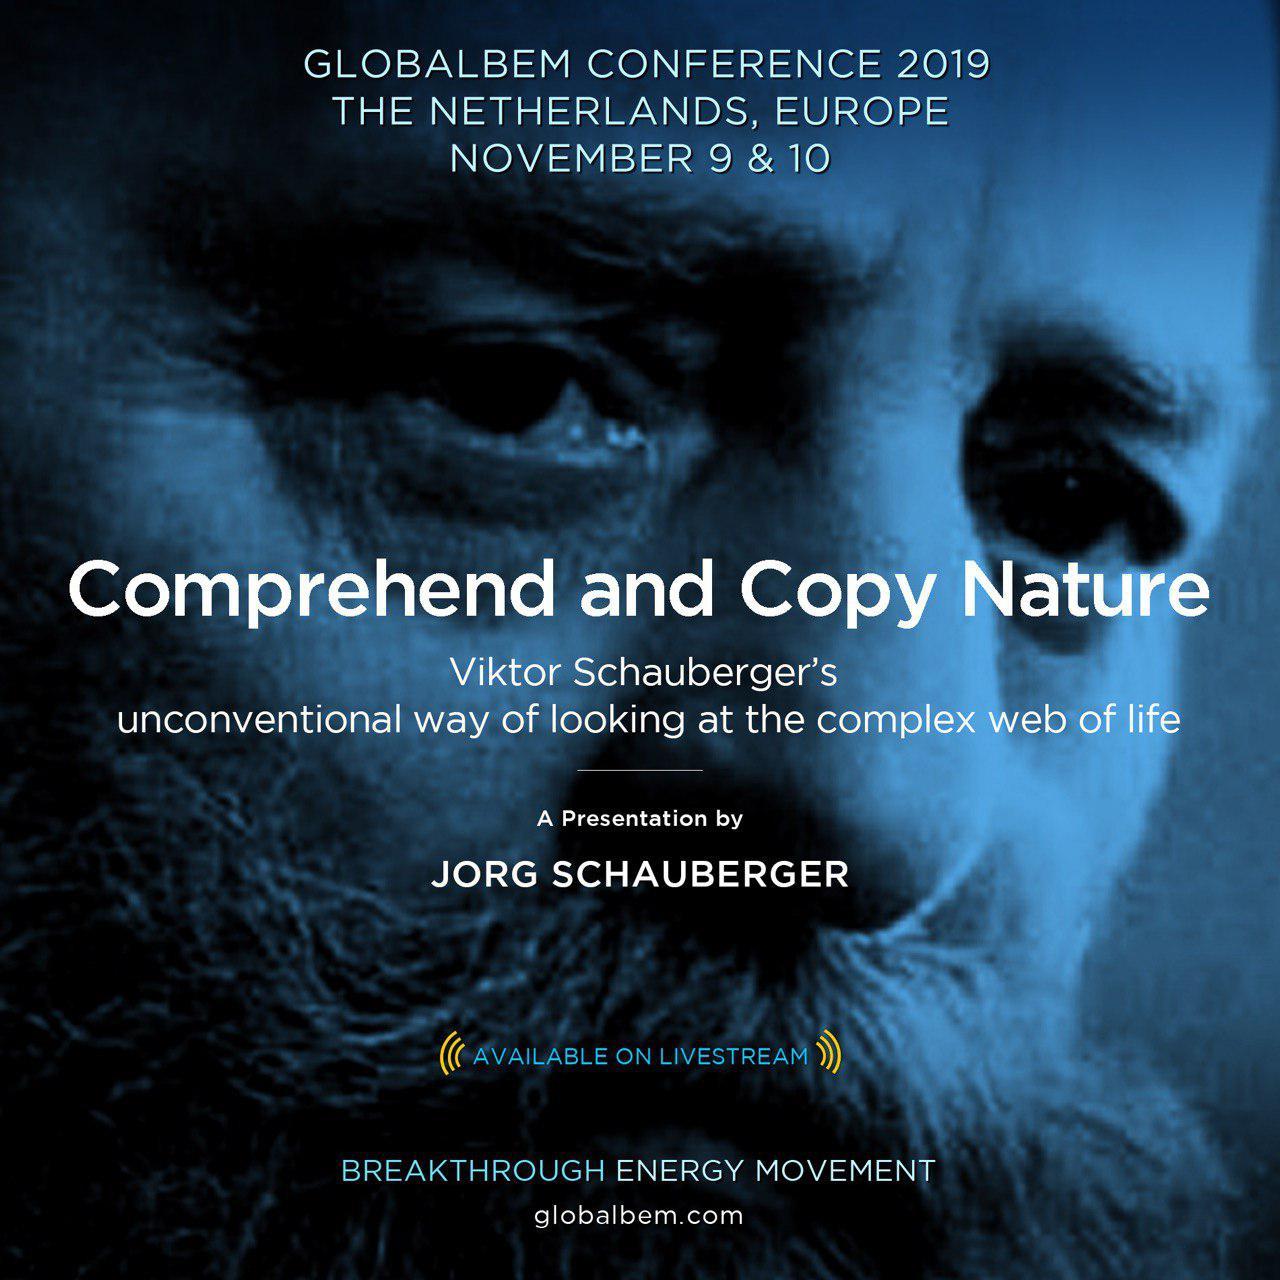 https://globalbem.com/wp-content/uploads/2019/10/148-jorg-schauberger-presentation.jpg